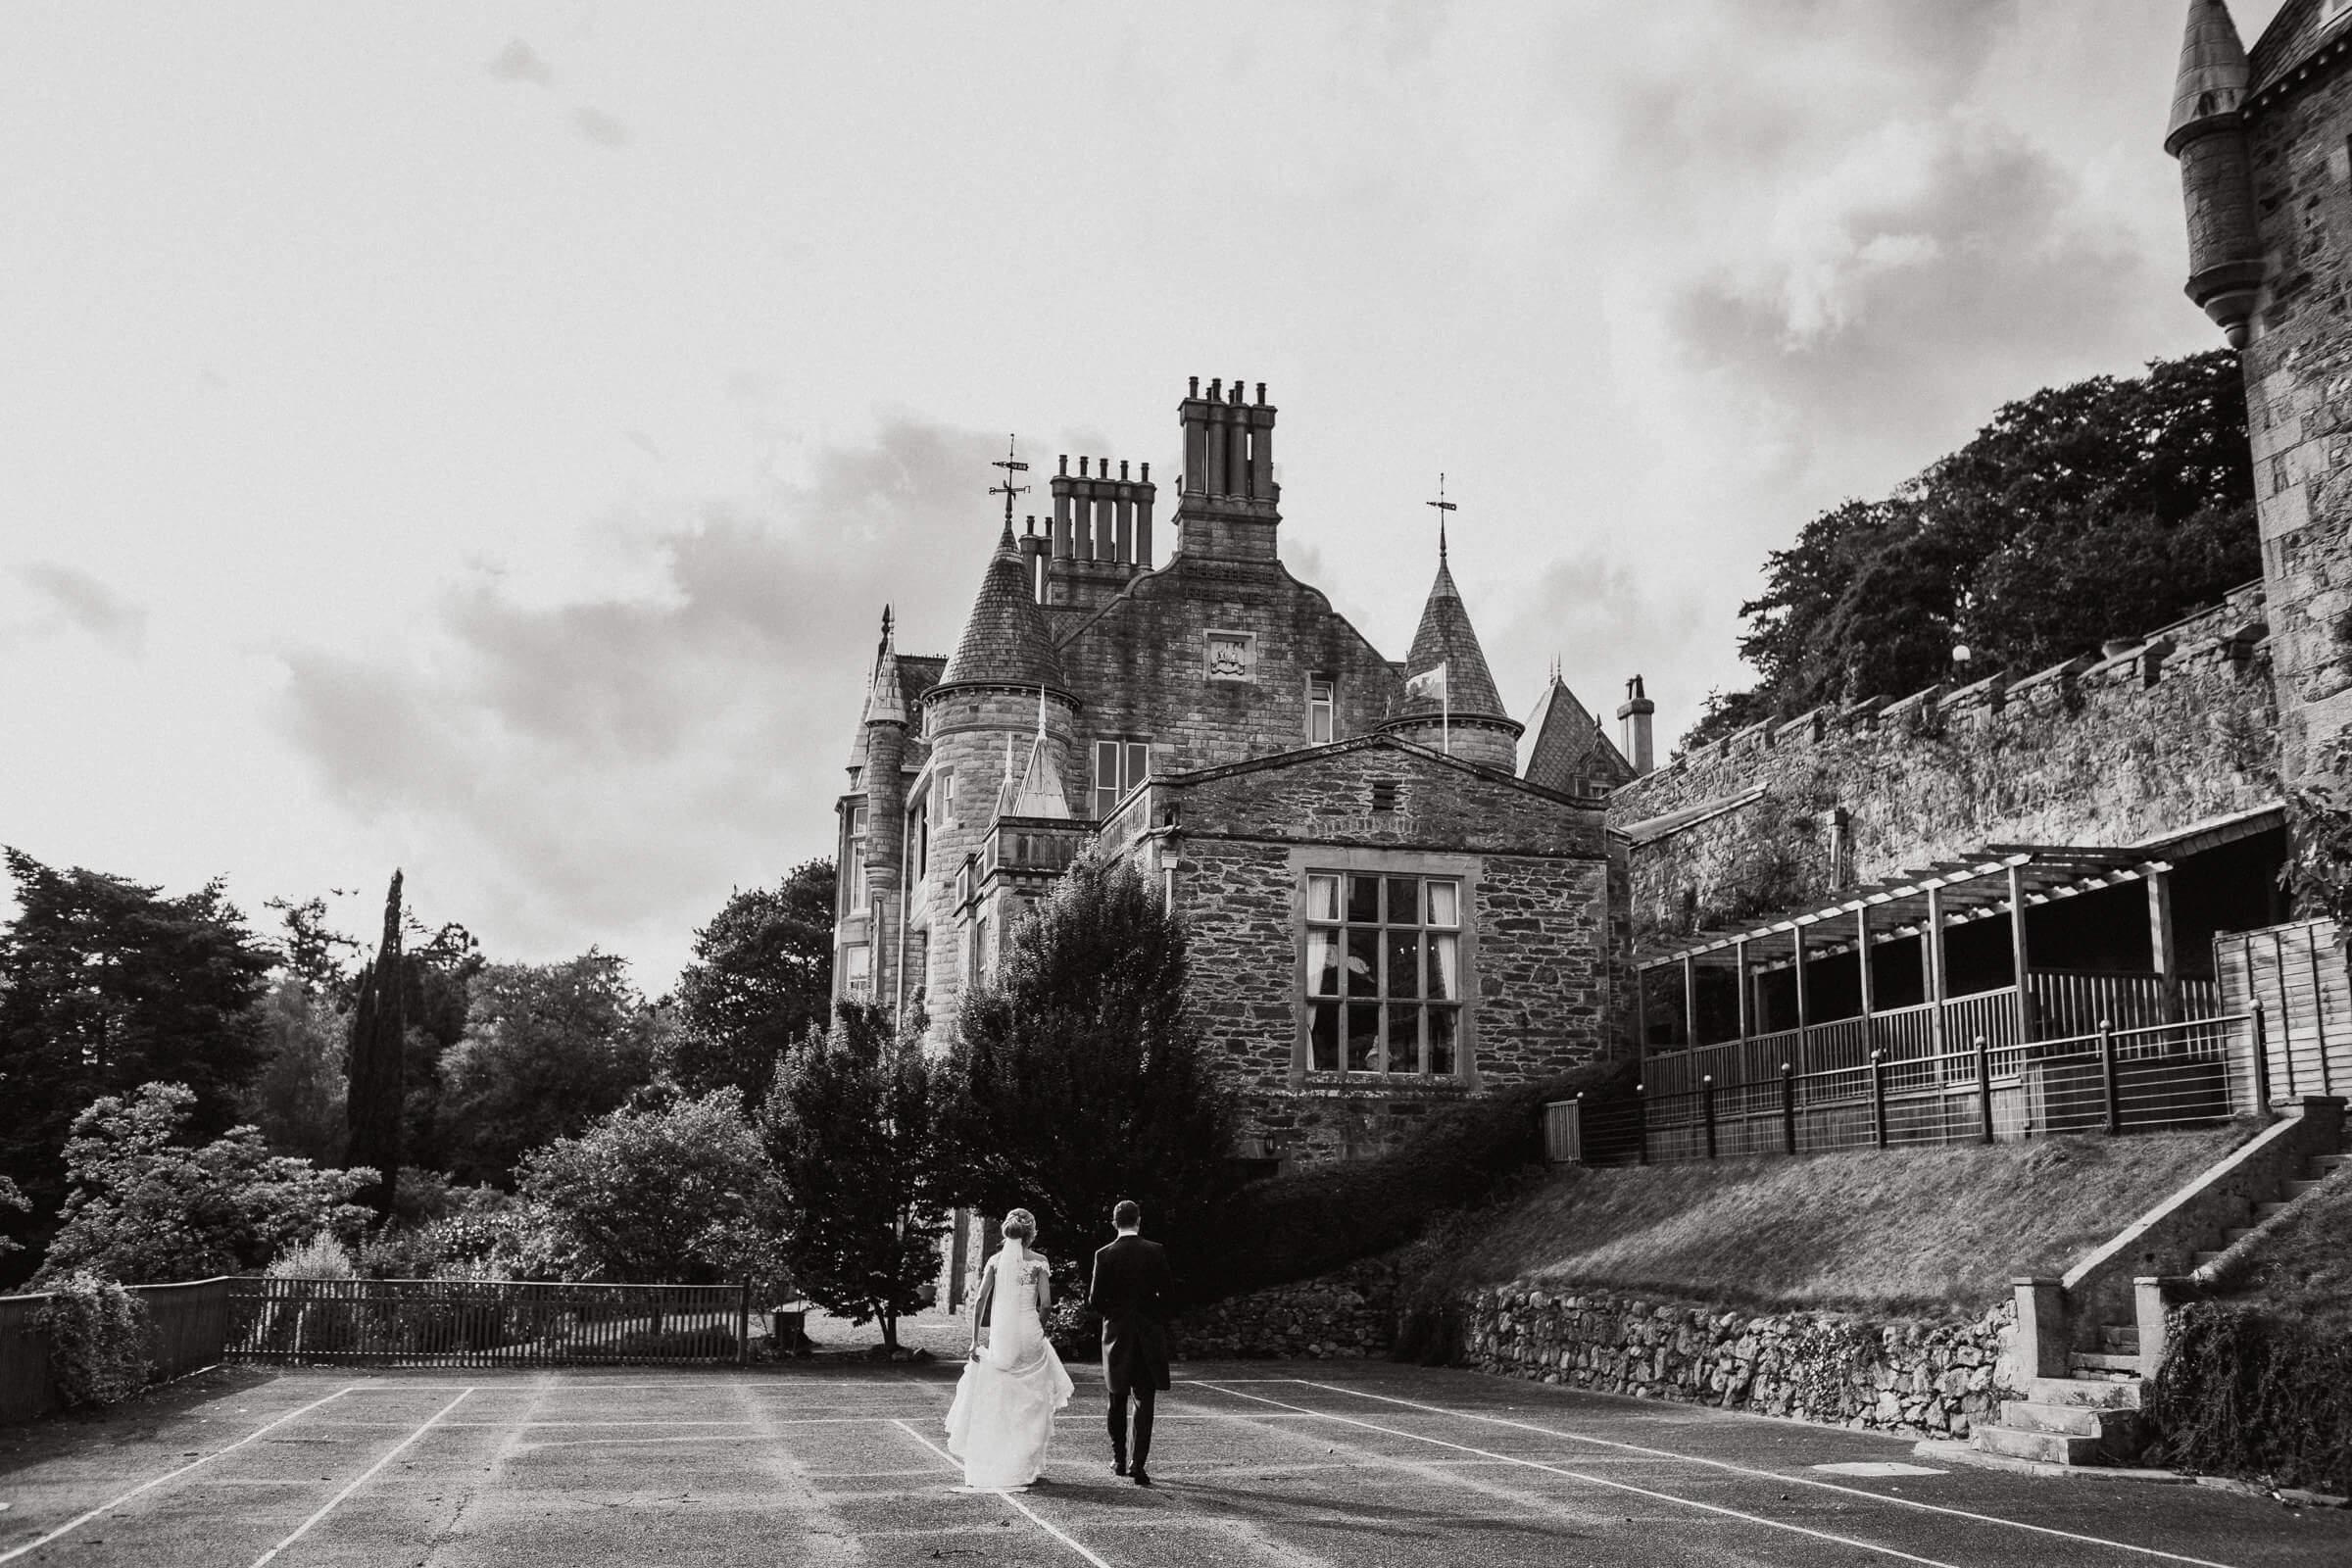 Chateau_Rhianfa_Wedding_Photography_047.jpg